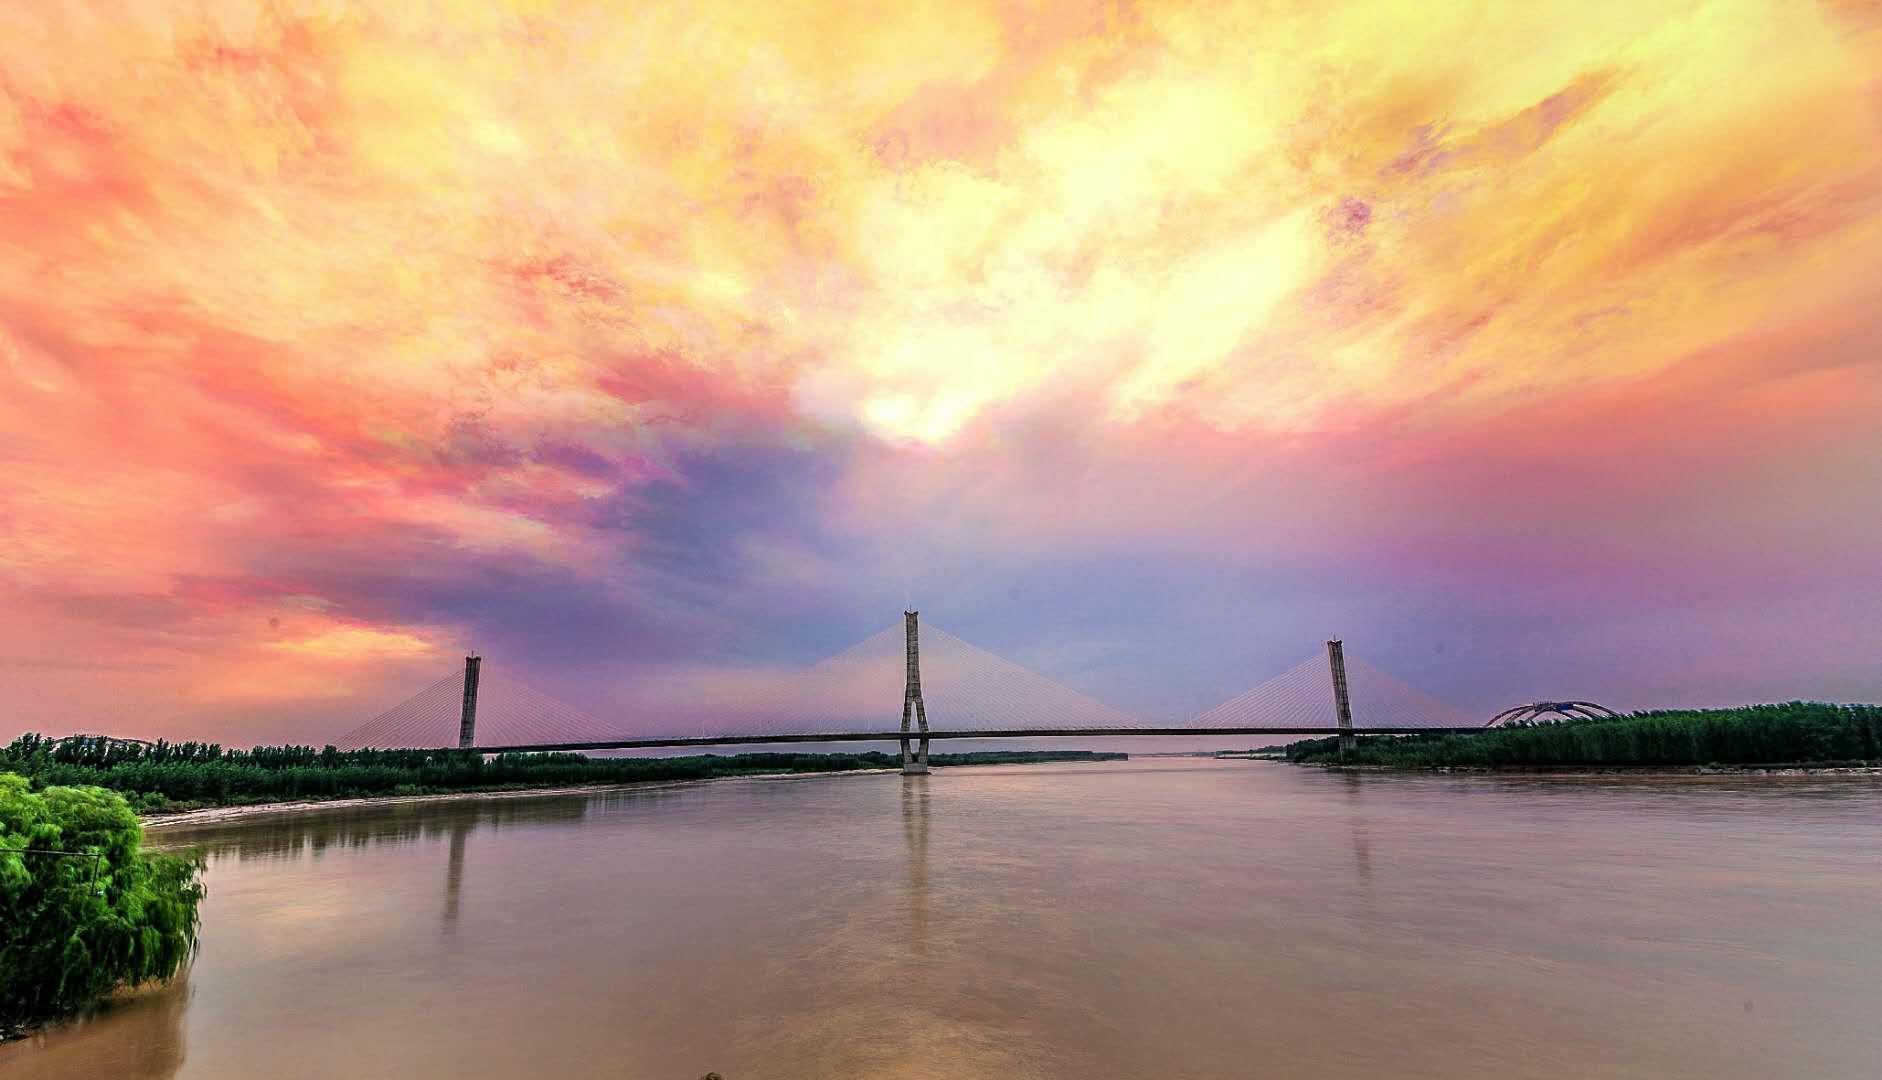 超广镜头下的济南7座跨河大桥 日暮晨昏间展现别样雄姿